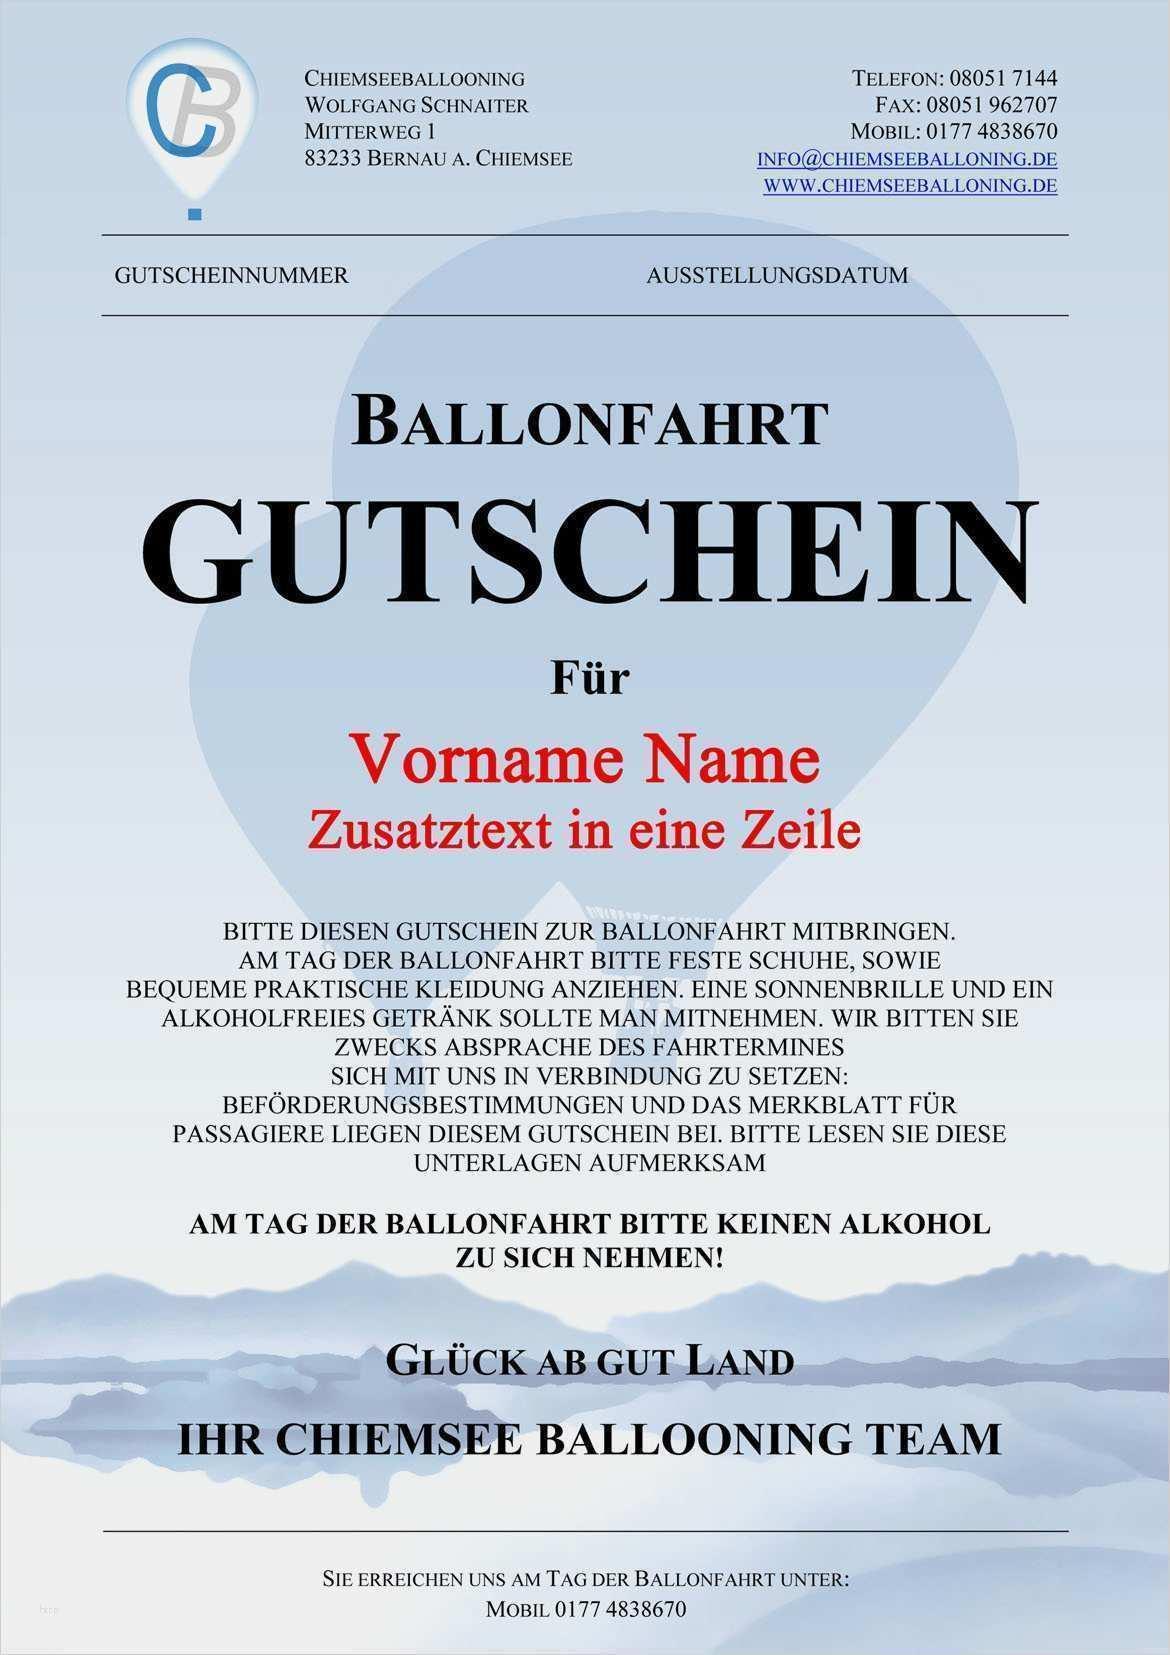 40 Best Of Vorlage Fur Einen Gutschein Bilder Geschenkgutschein Vorlage Vorlagen Gutscheine